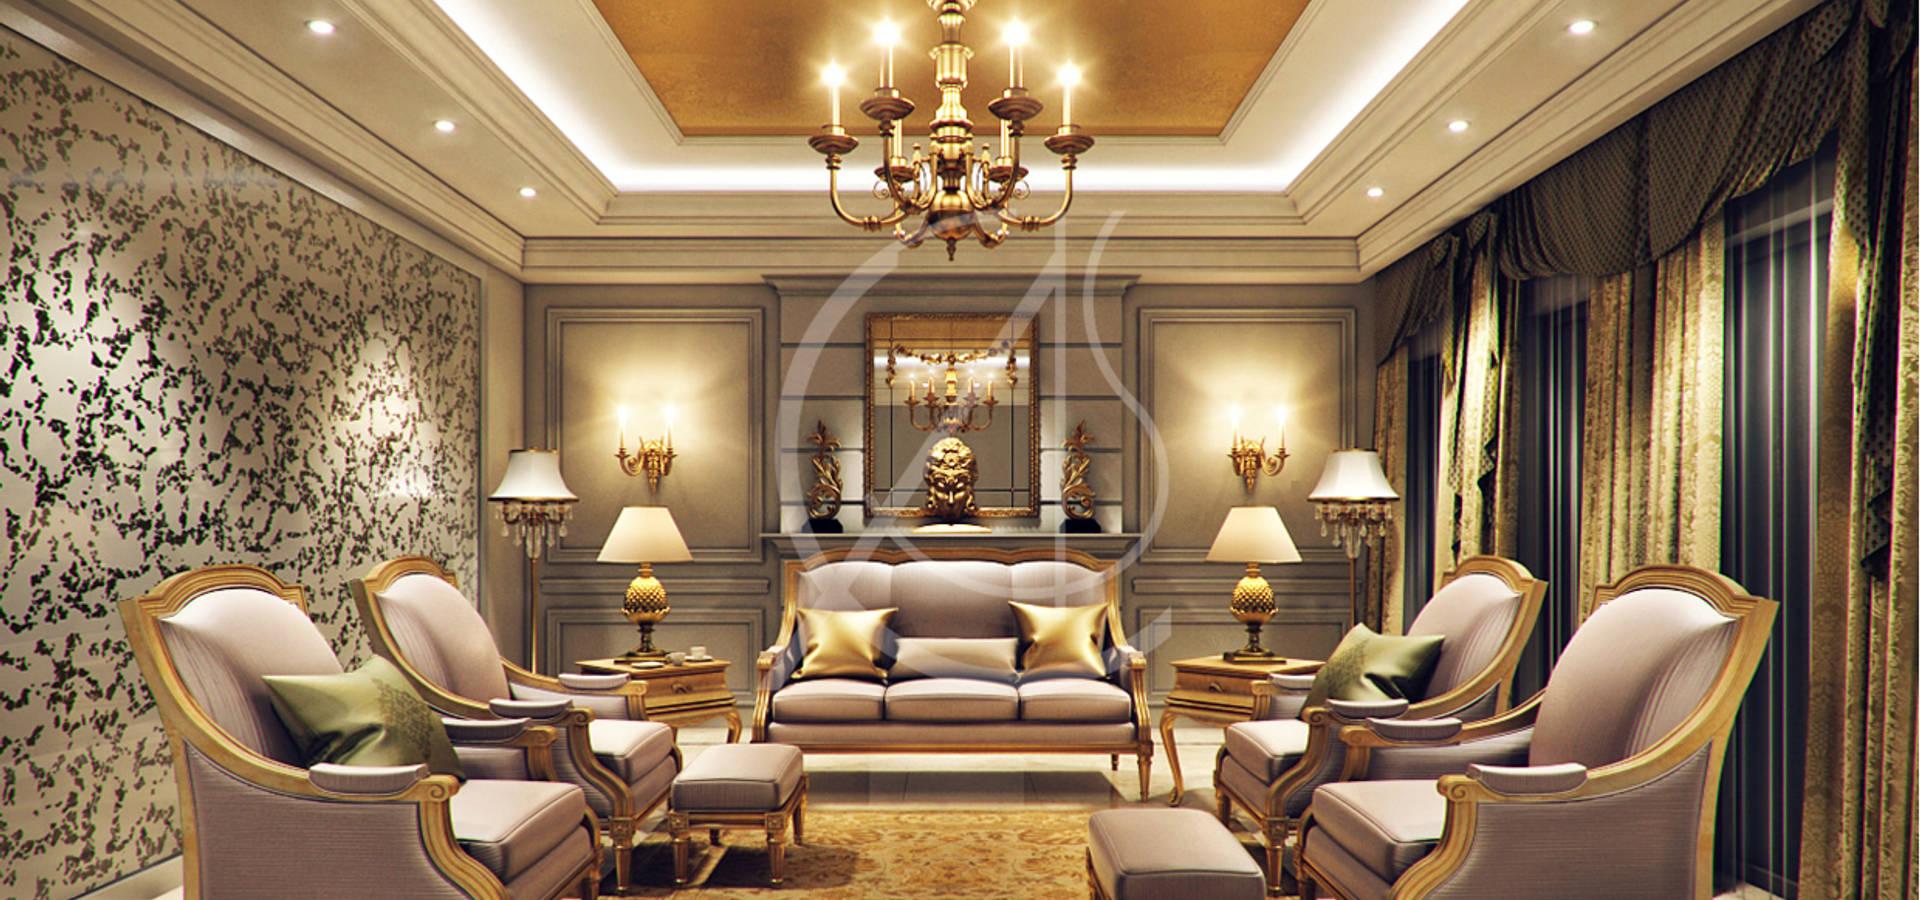 Comelite Architecture, Structure and Interior Design ...